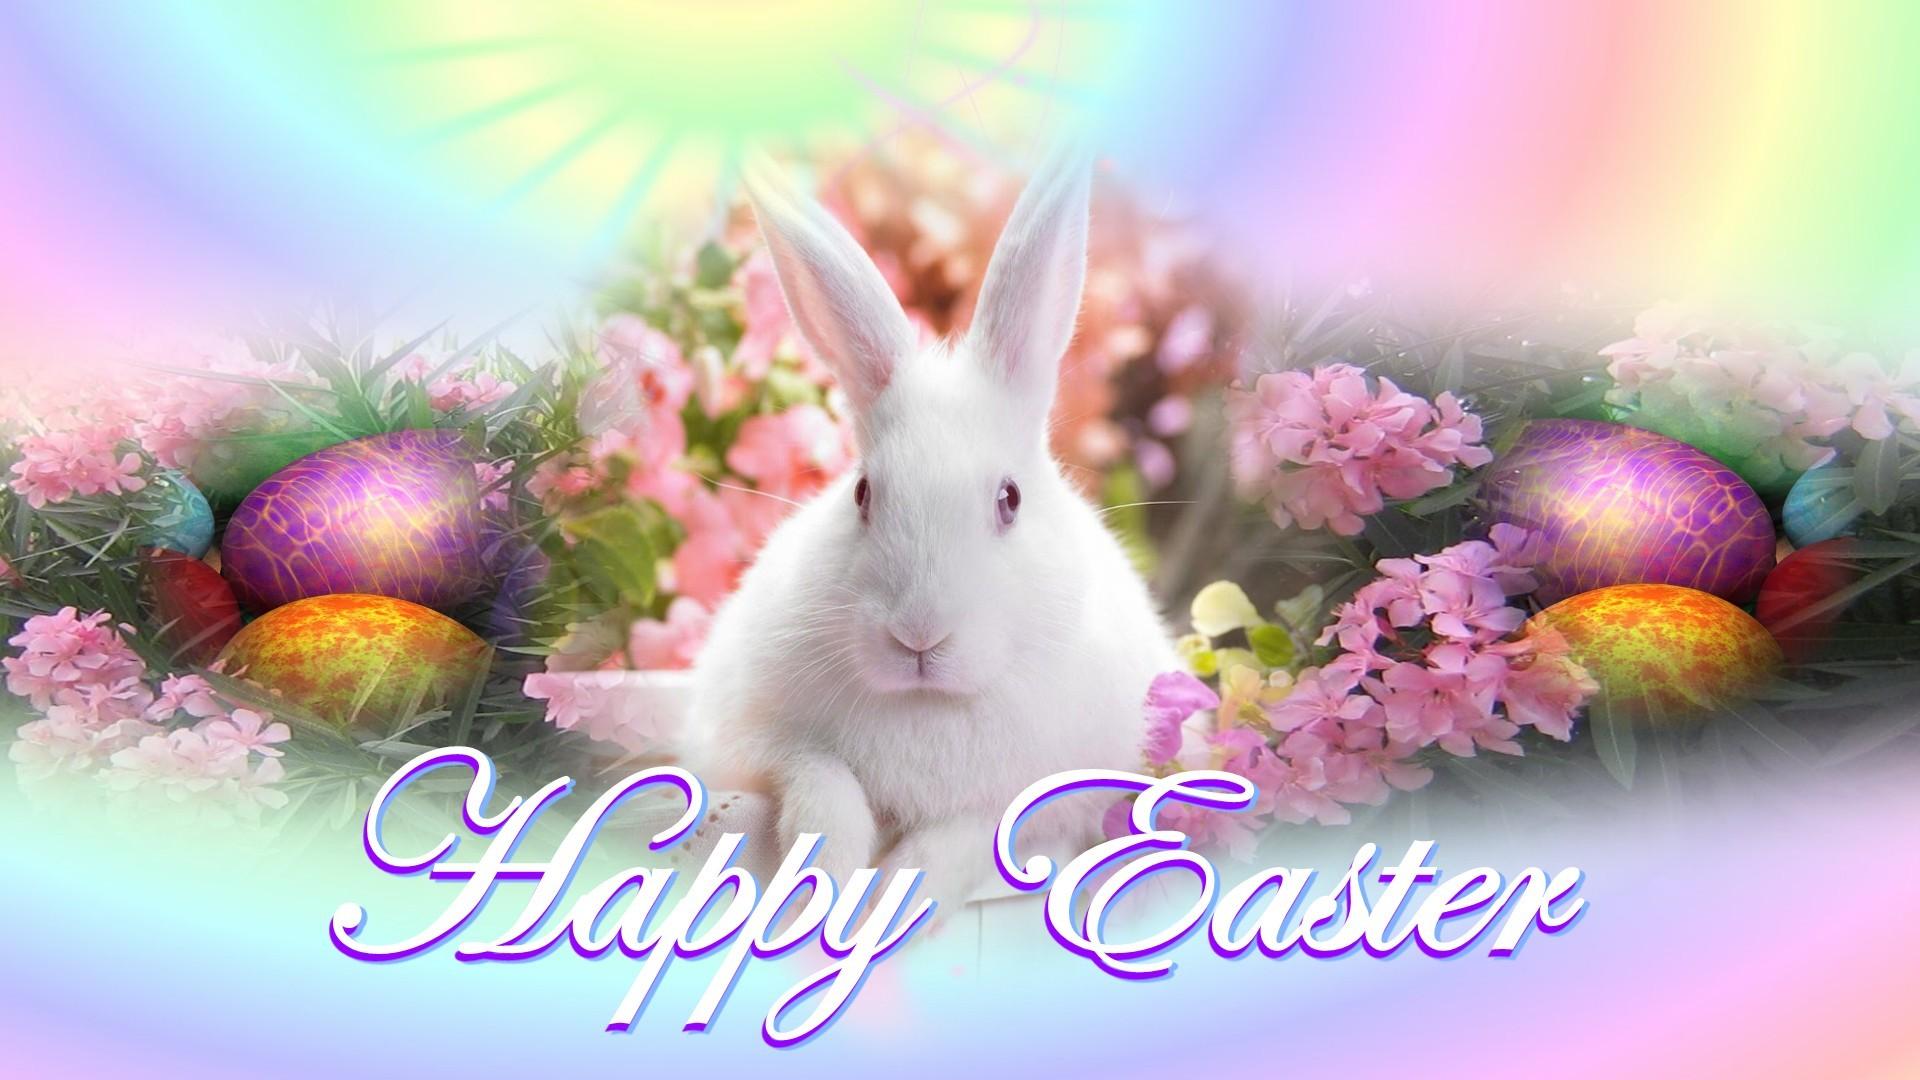 Description Happy Easter Bunny 2013 is a hi res Wallpaper for pc 1920x1080